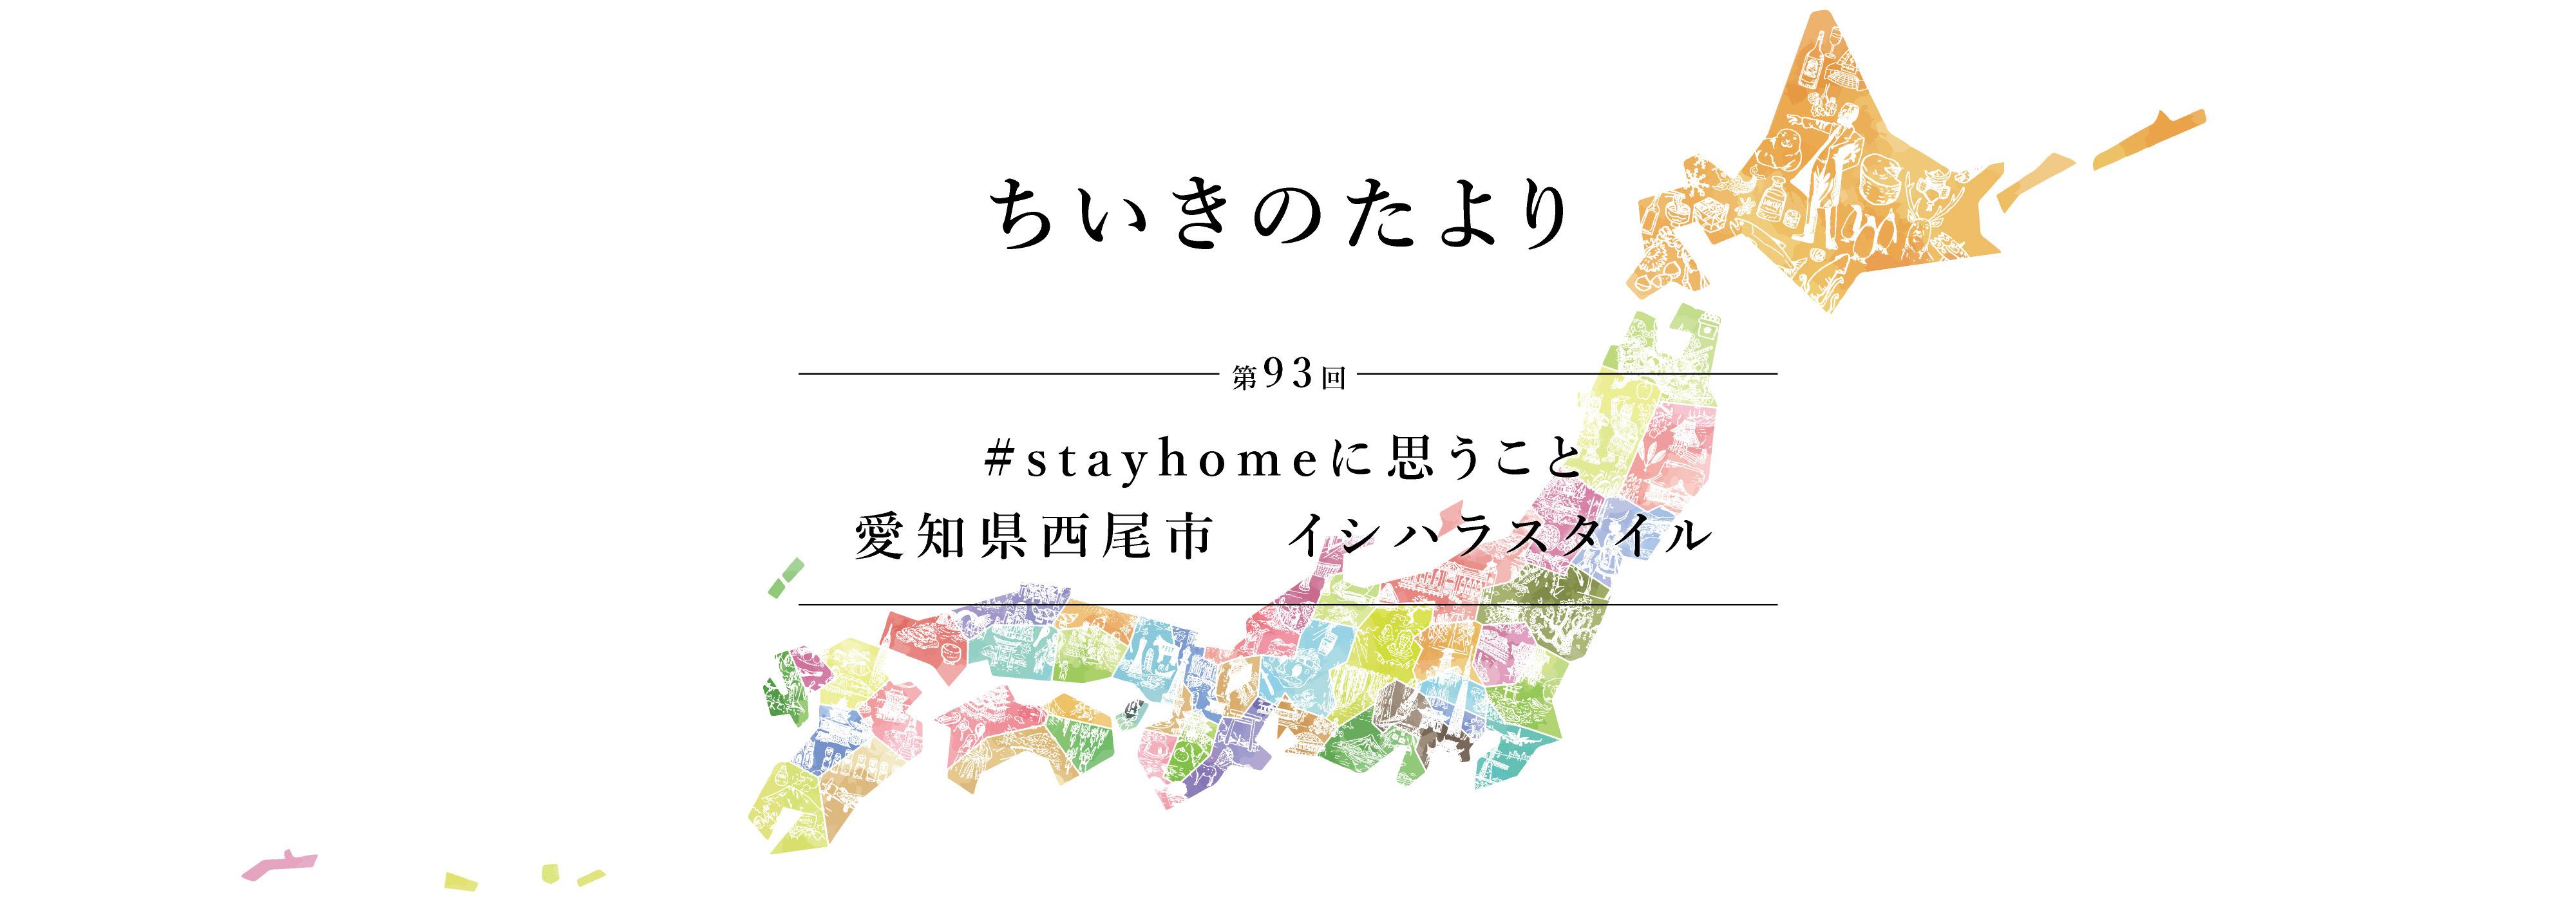 ちいきのたより第93回#stayhomeに思うこと愛知県西尾市イシハラスタイル